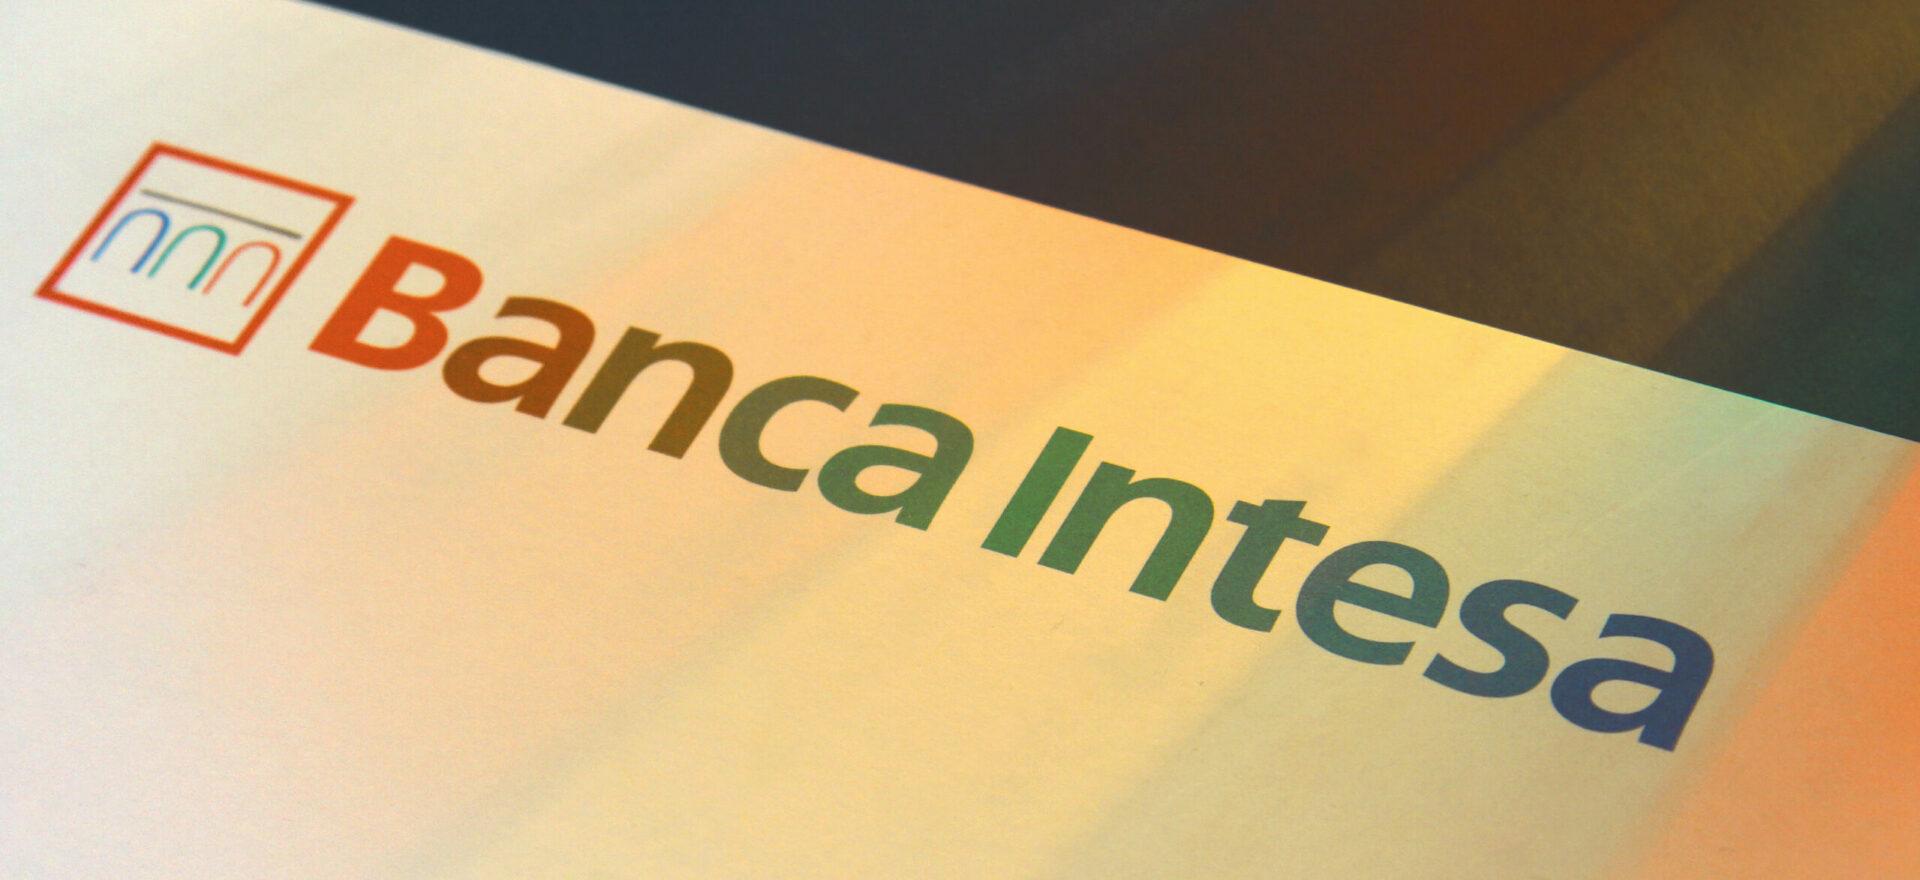 Logo   Graphic Design   Branding   Banca Intesa   Mario Trimarchi Design   Fragile